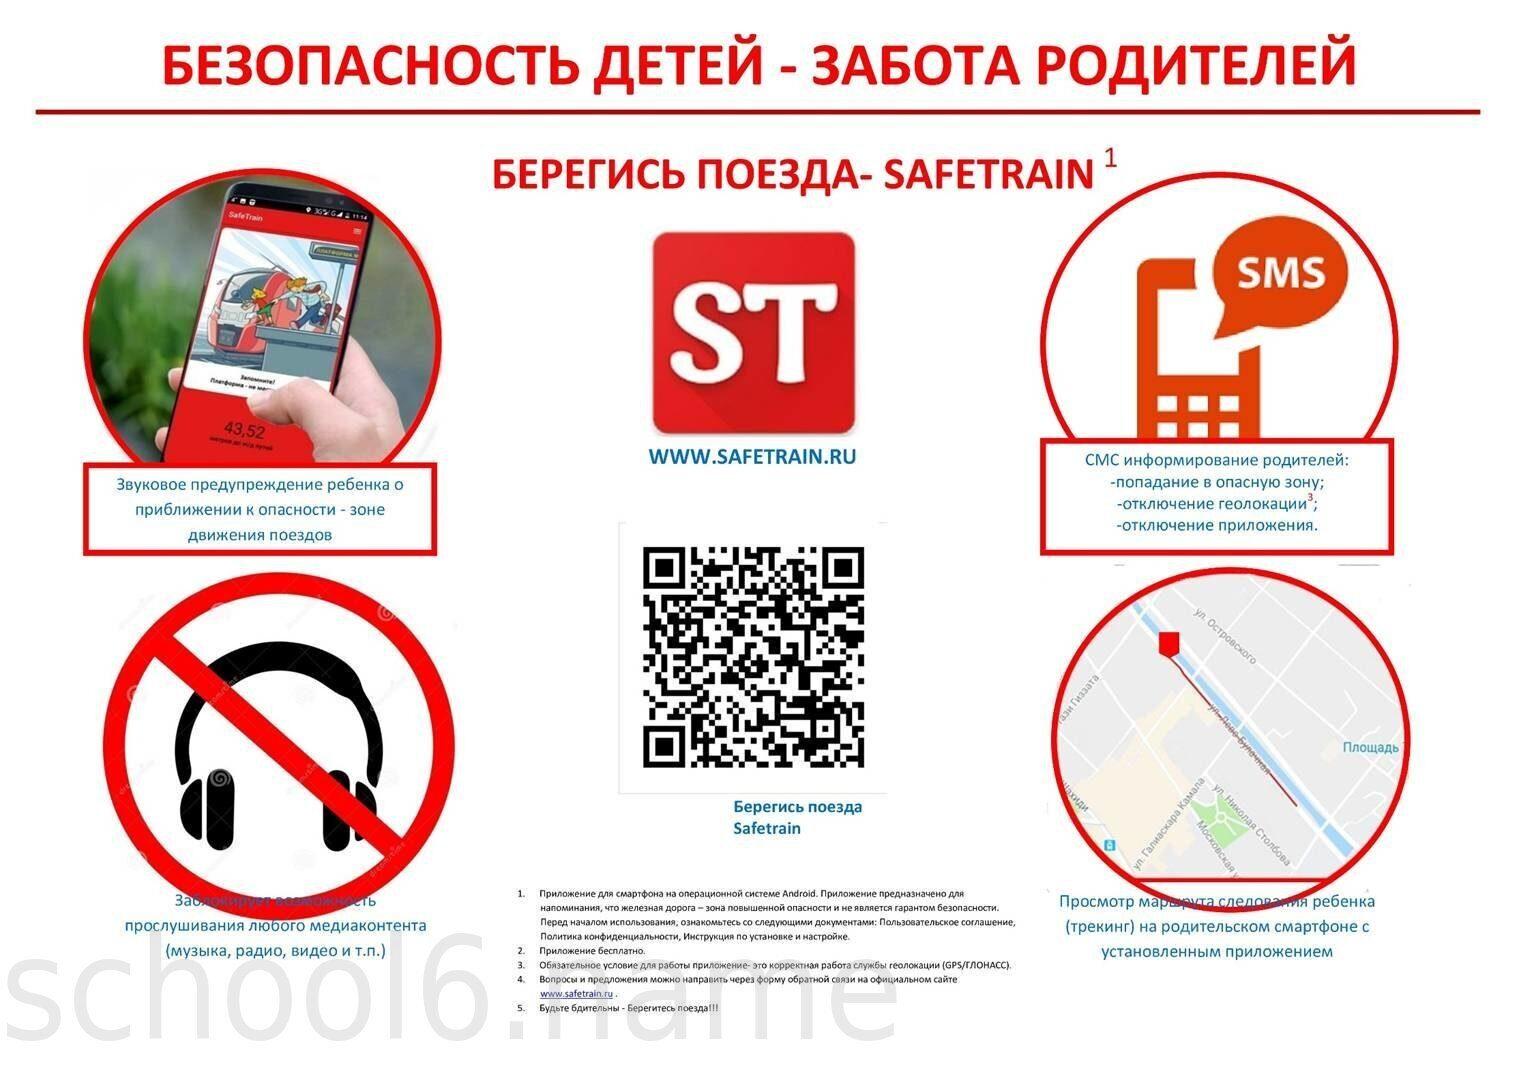 Картинки по запросу безопасность детей забота родителей SAFETRAIN